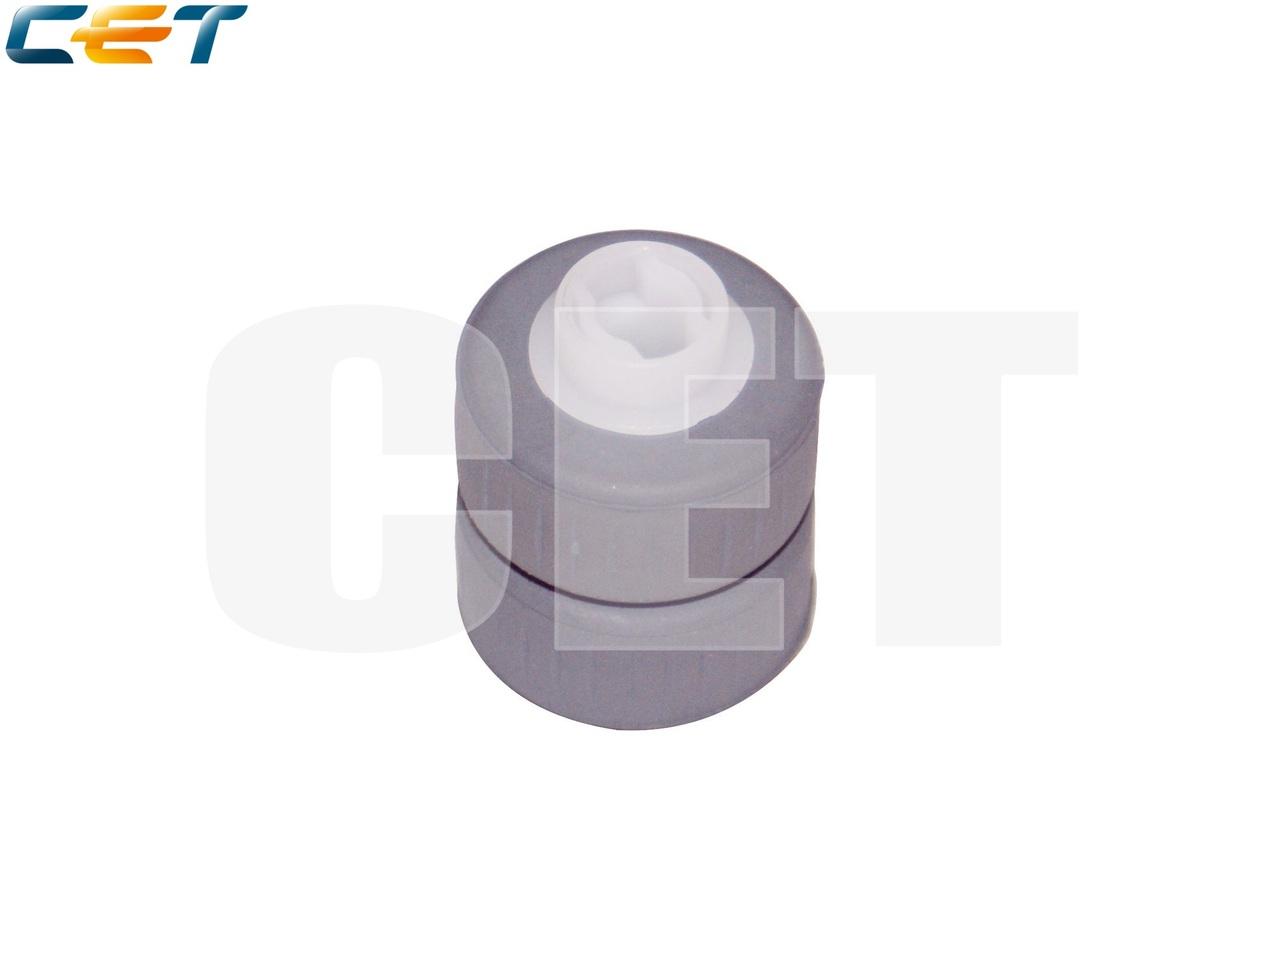 Ролик подхвата ADF NROLR1475FCZZ для SHARPARM550/M620/M700, MX-M550/M620/M700 (CET), CET4774